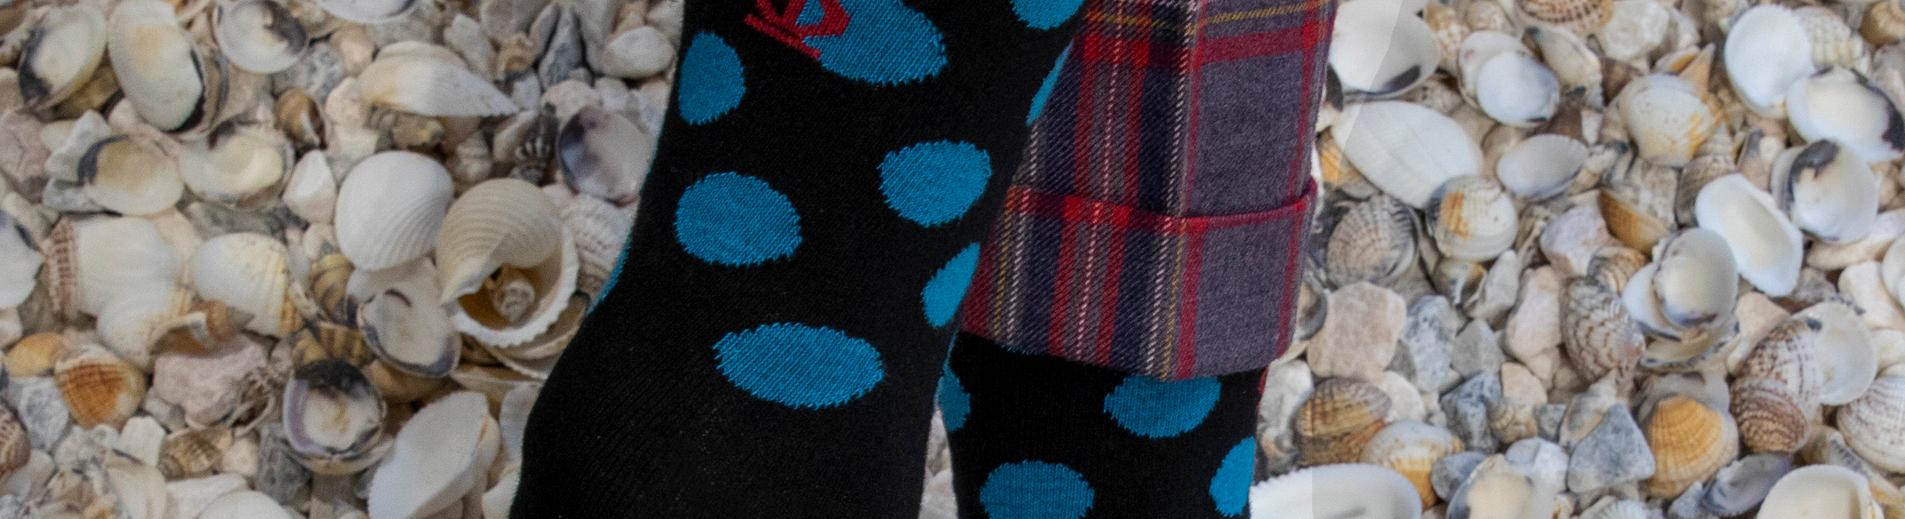 Jeff Banks socks and shells